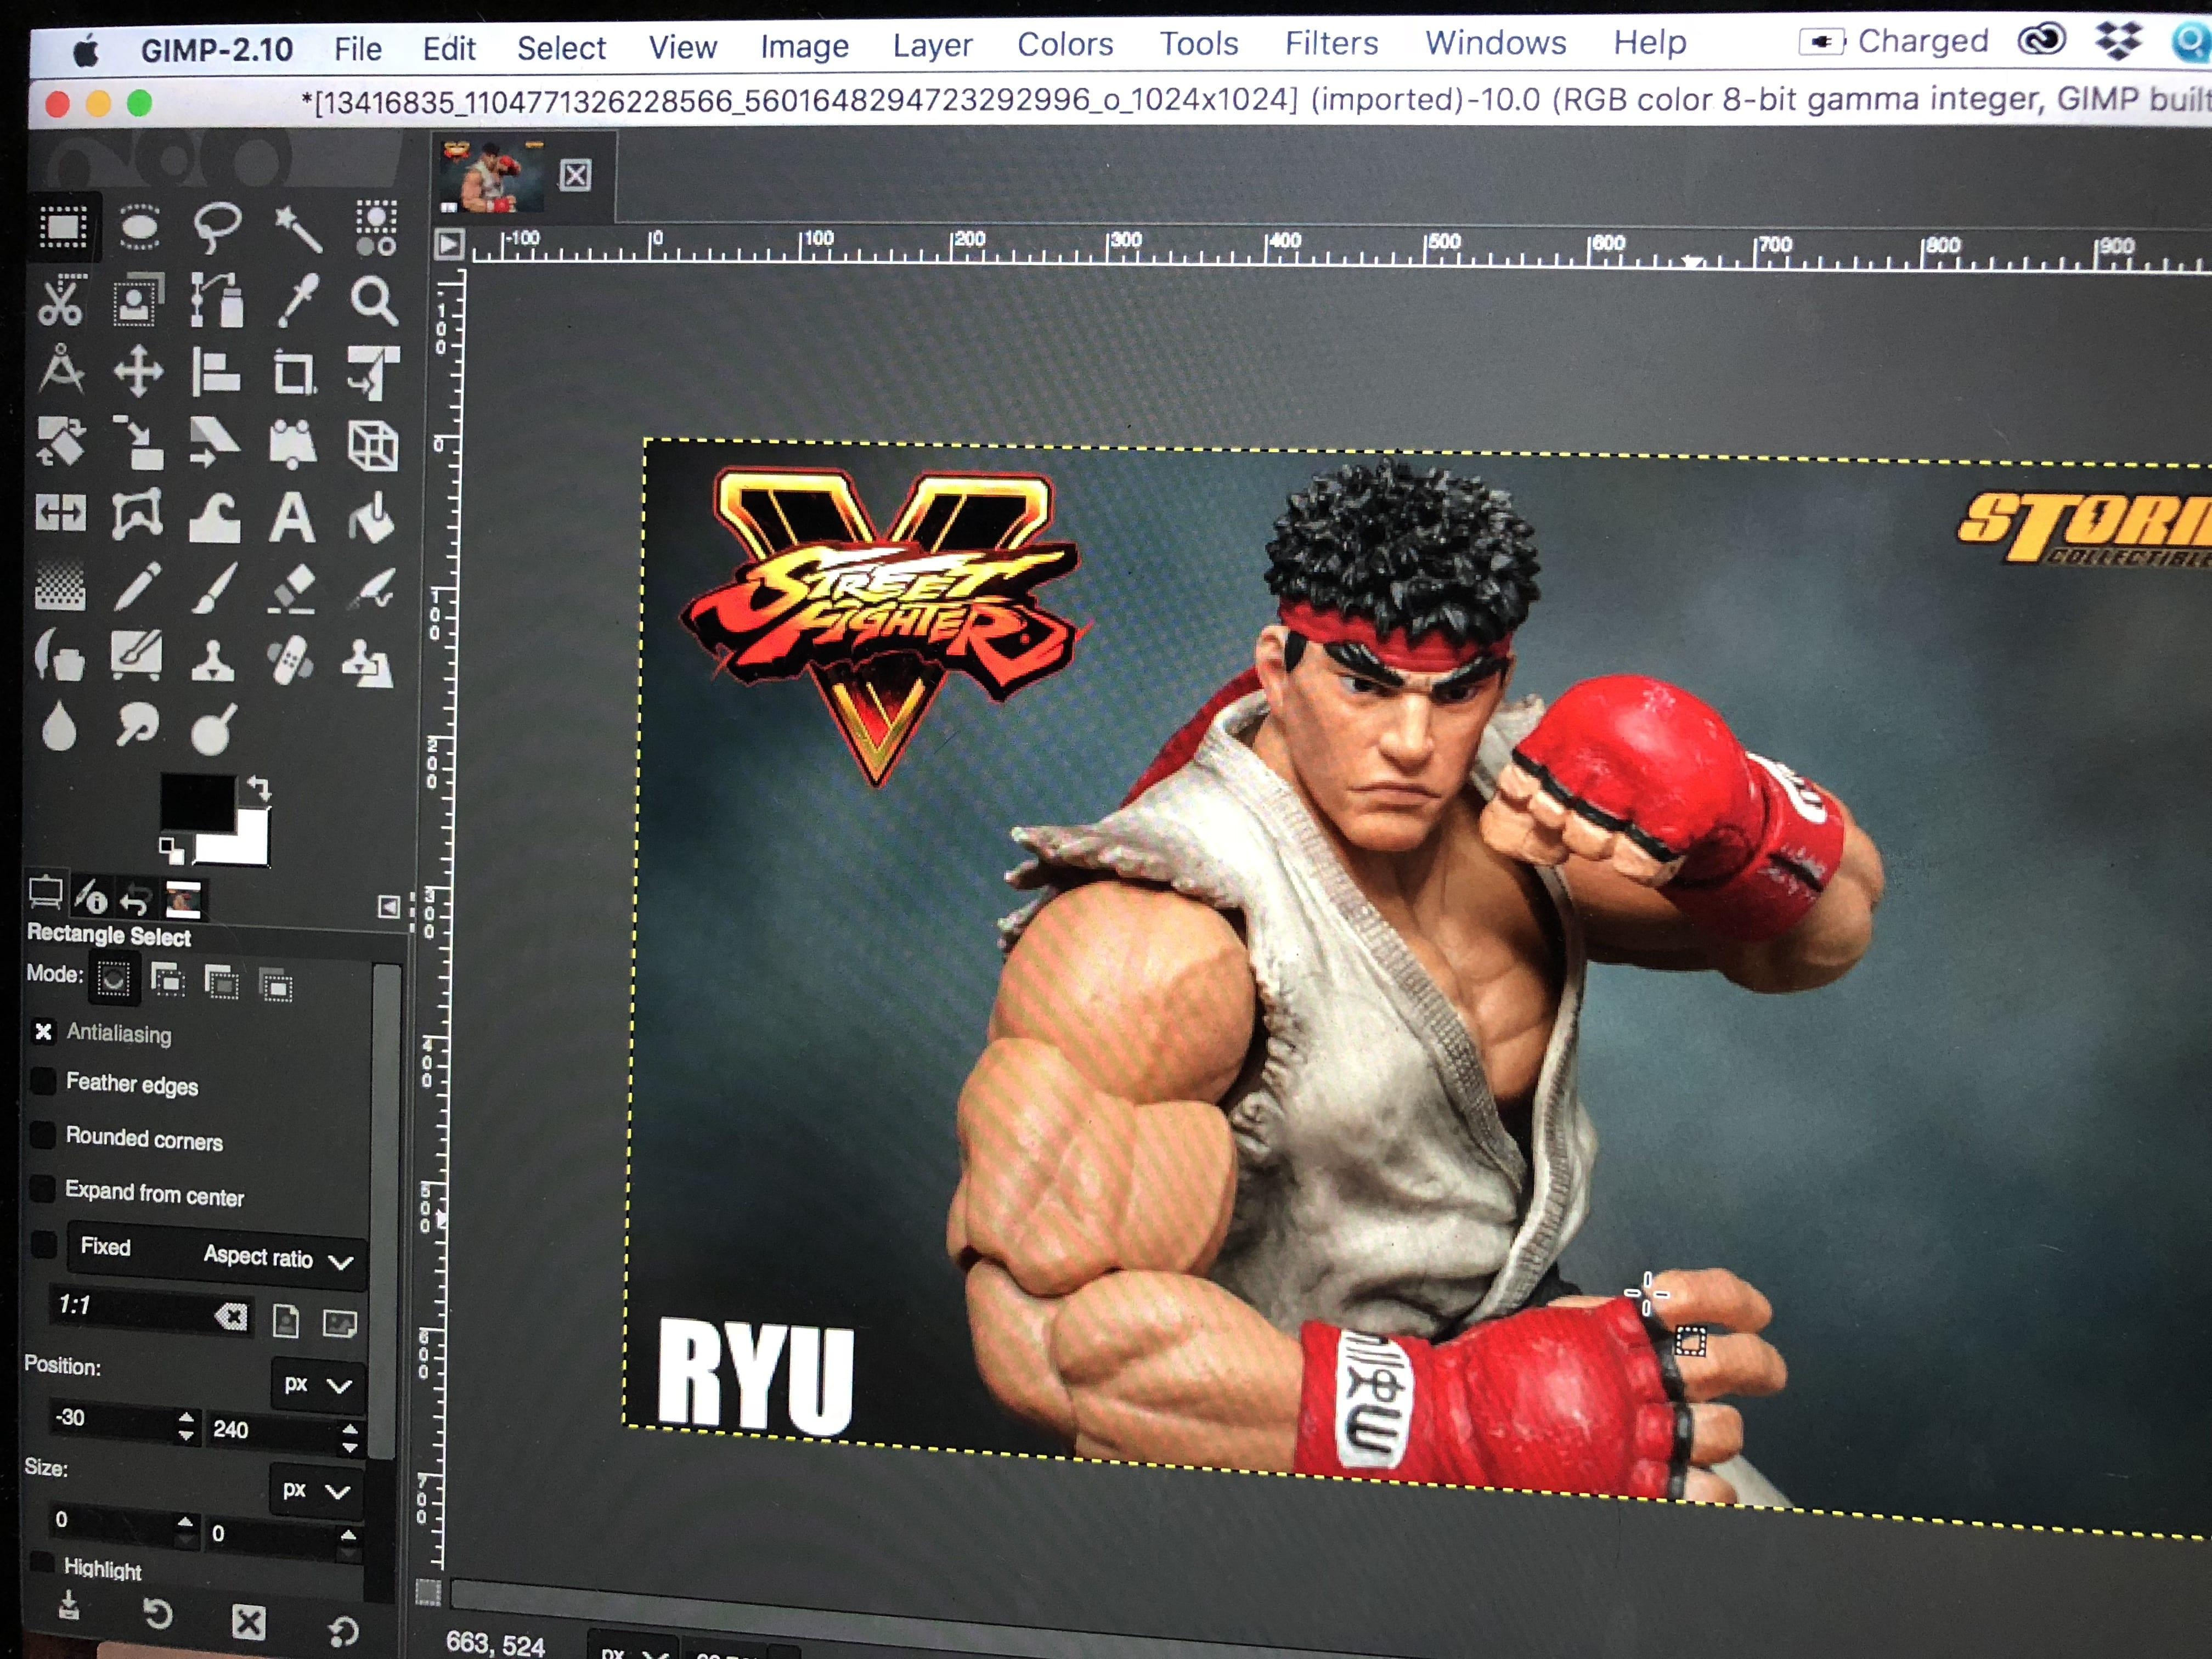 ลองเล่น GIMP แทน Photoshop 1